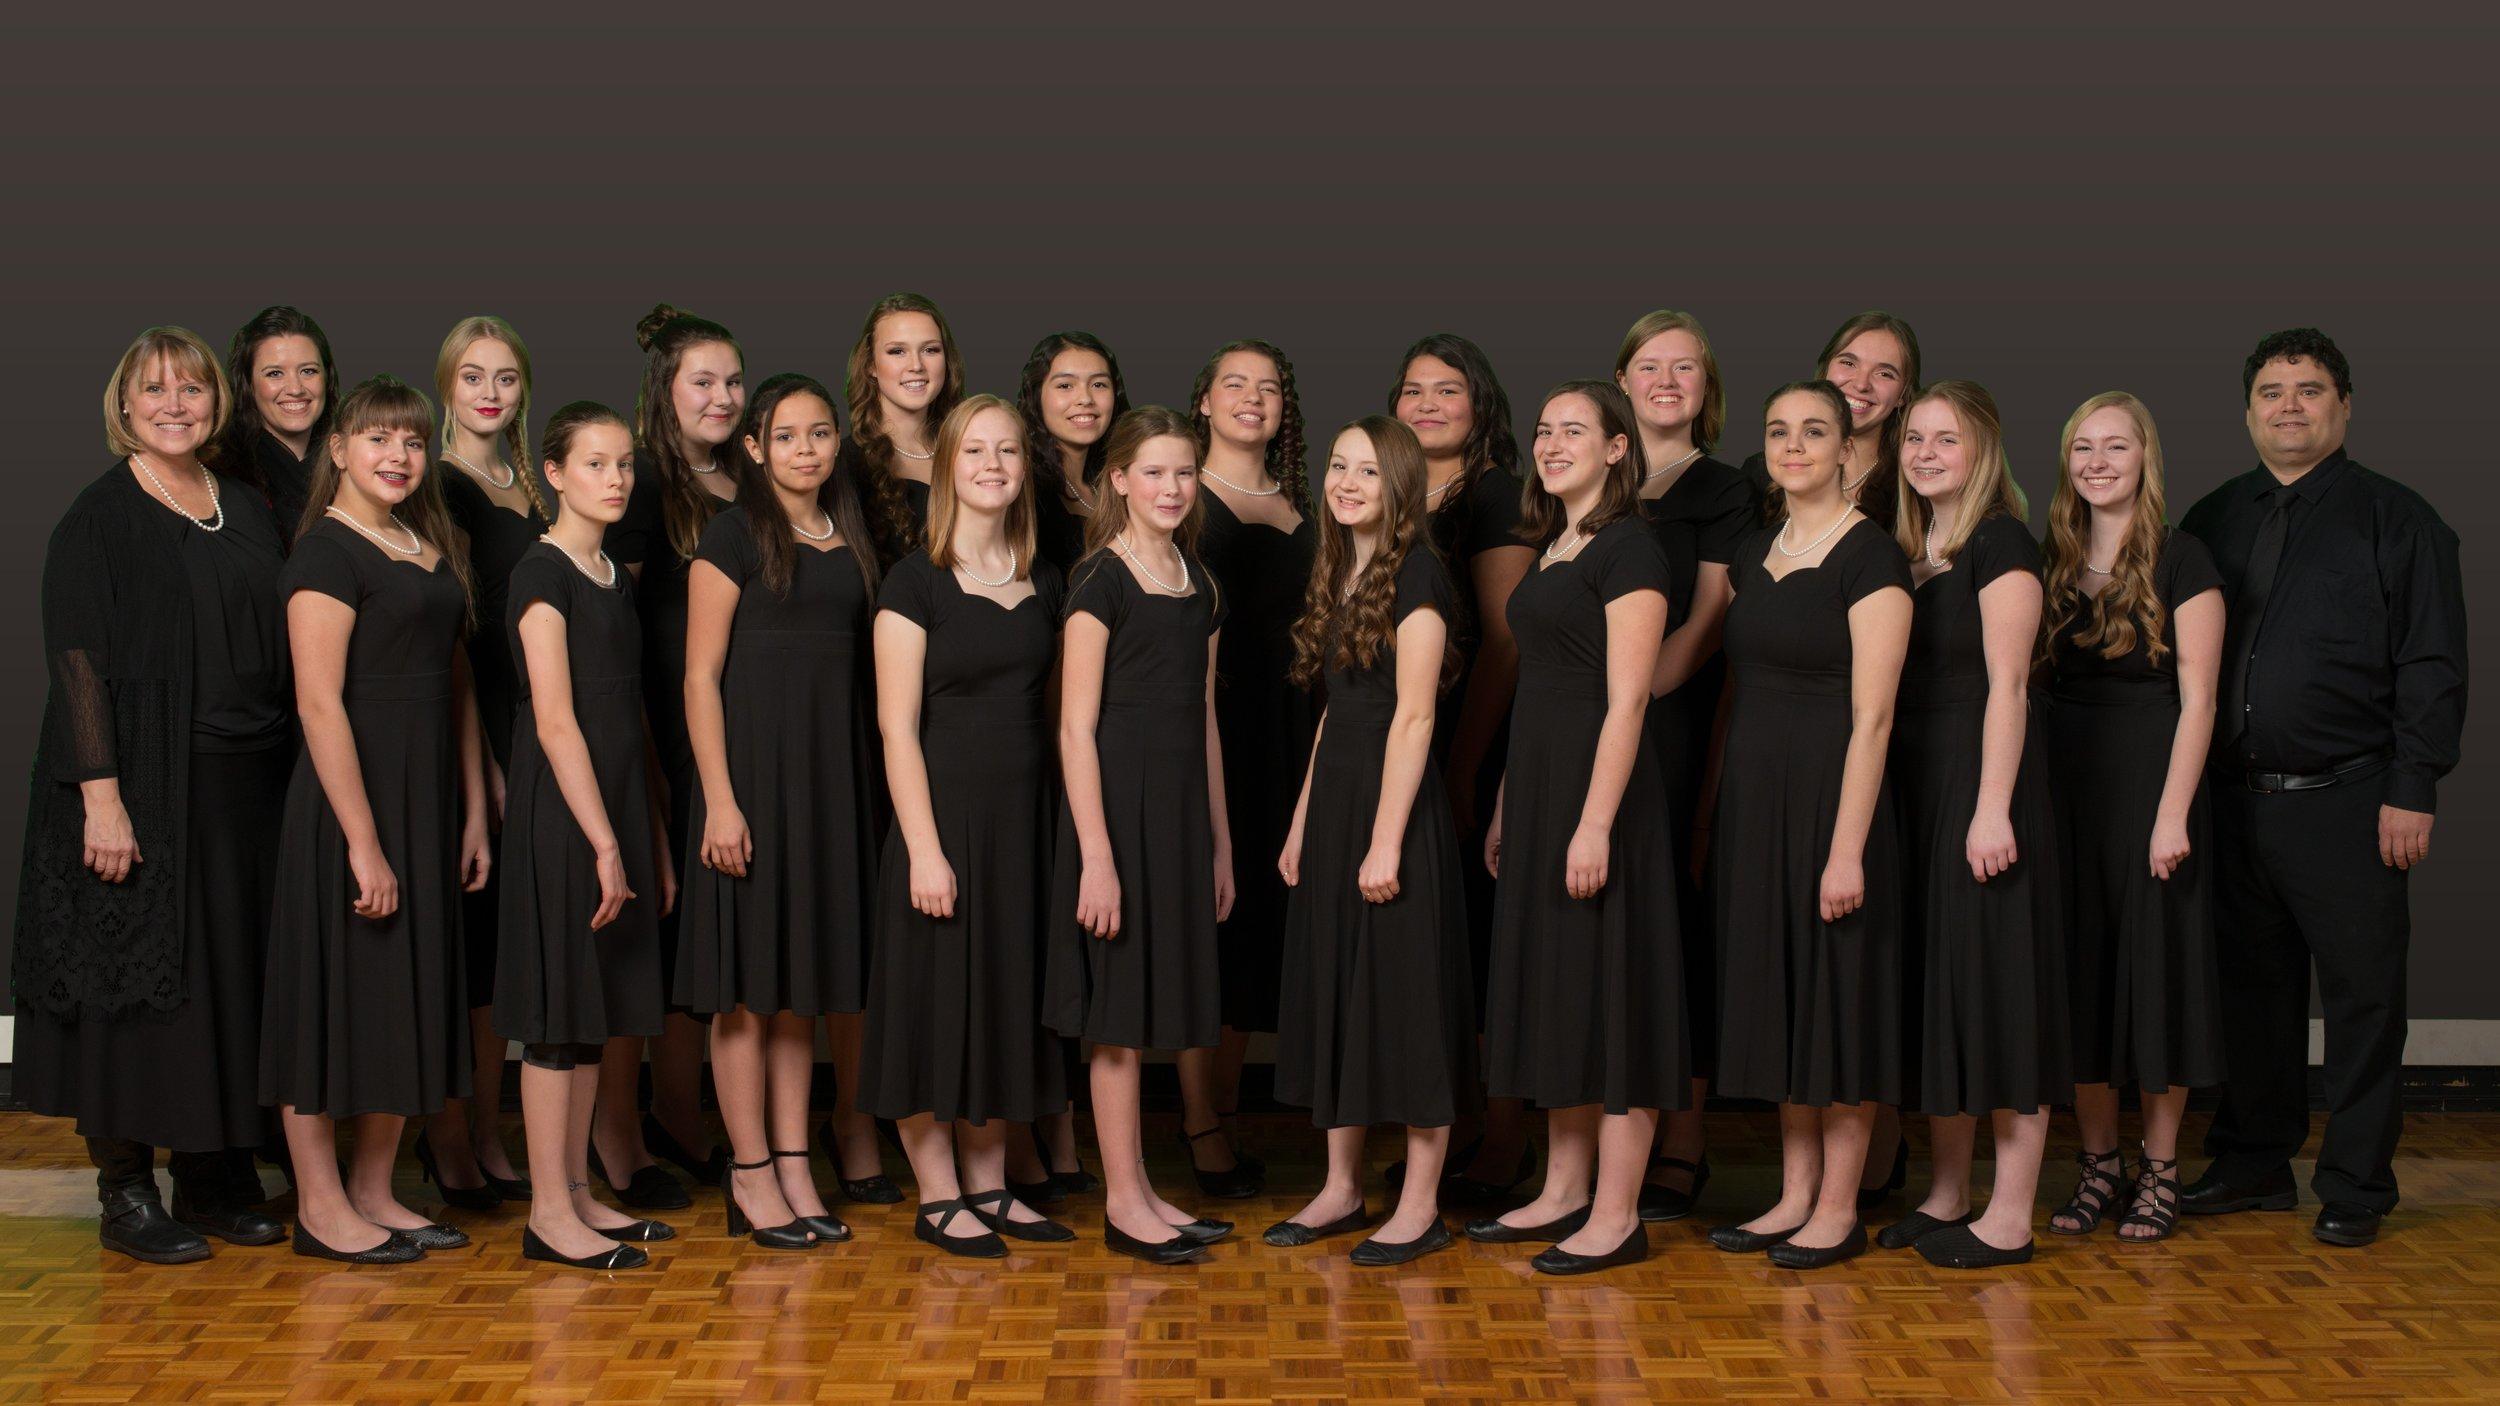 Cardston Girls Choir_Bourse Voyage en groupe_Fondation Tourisme Jeunesse